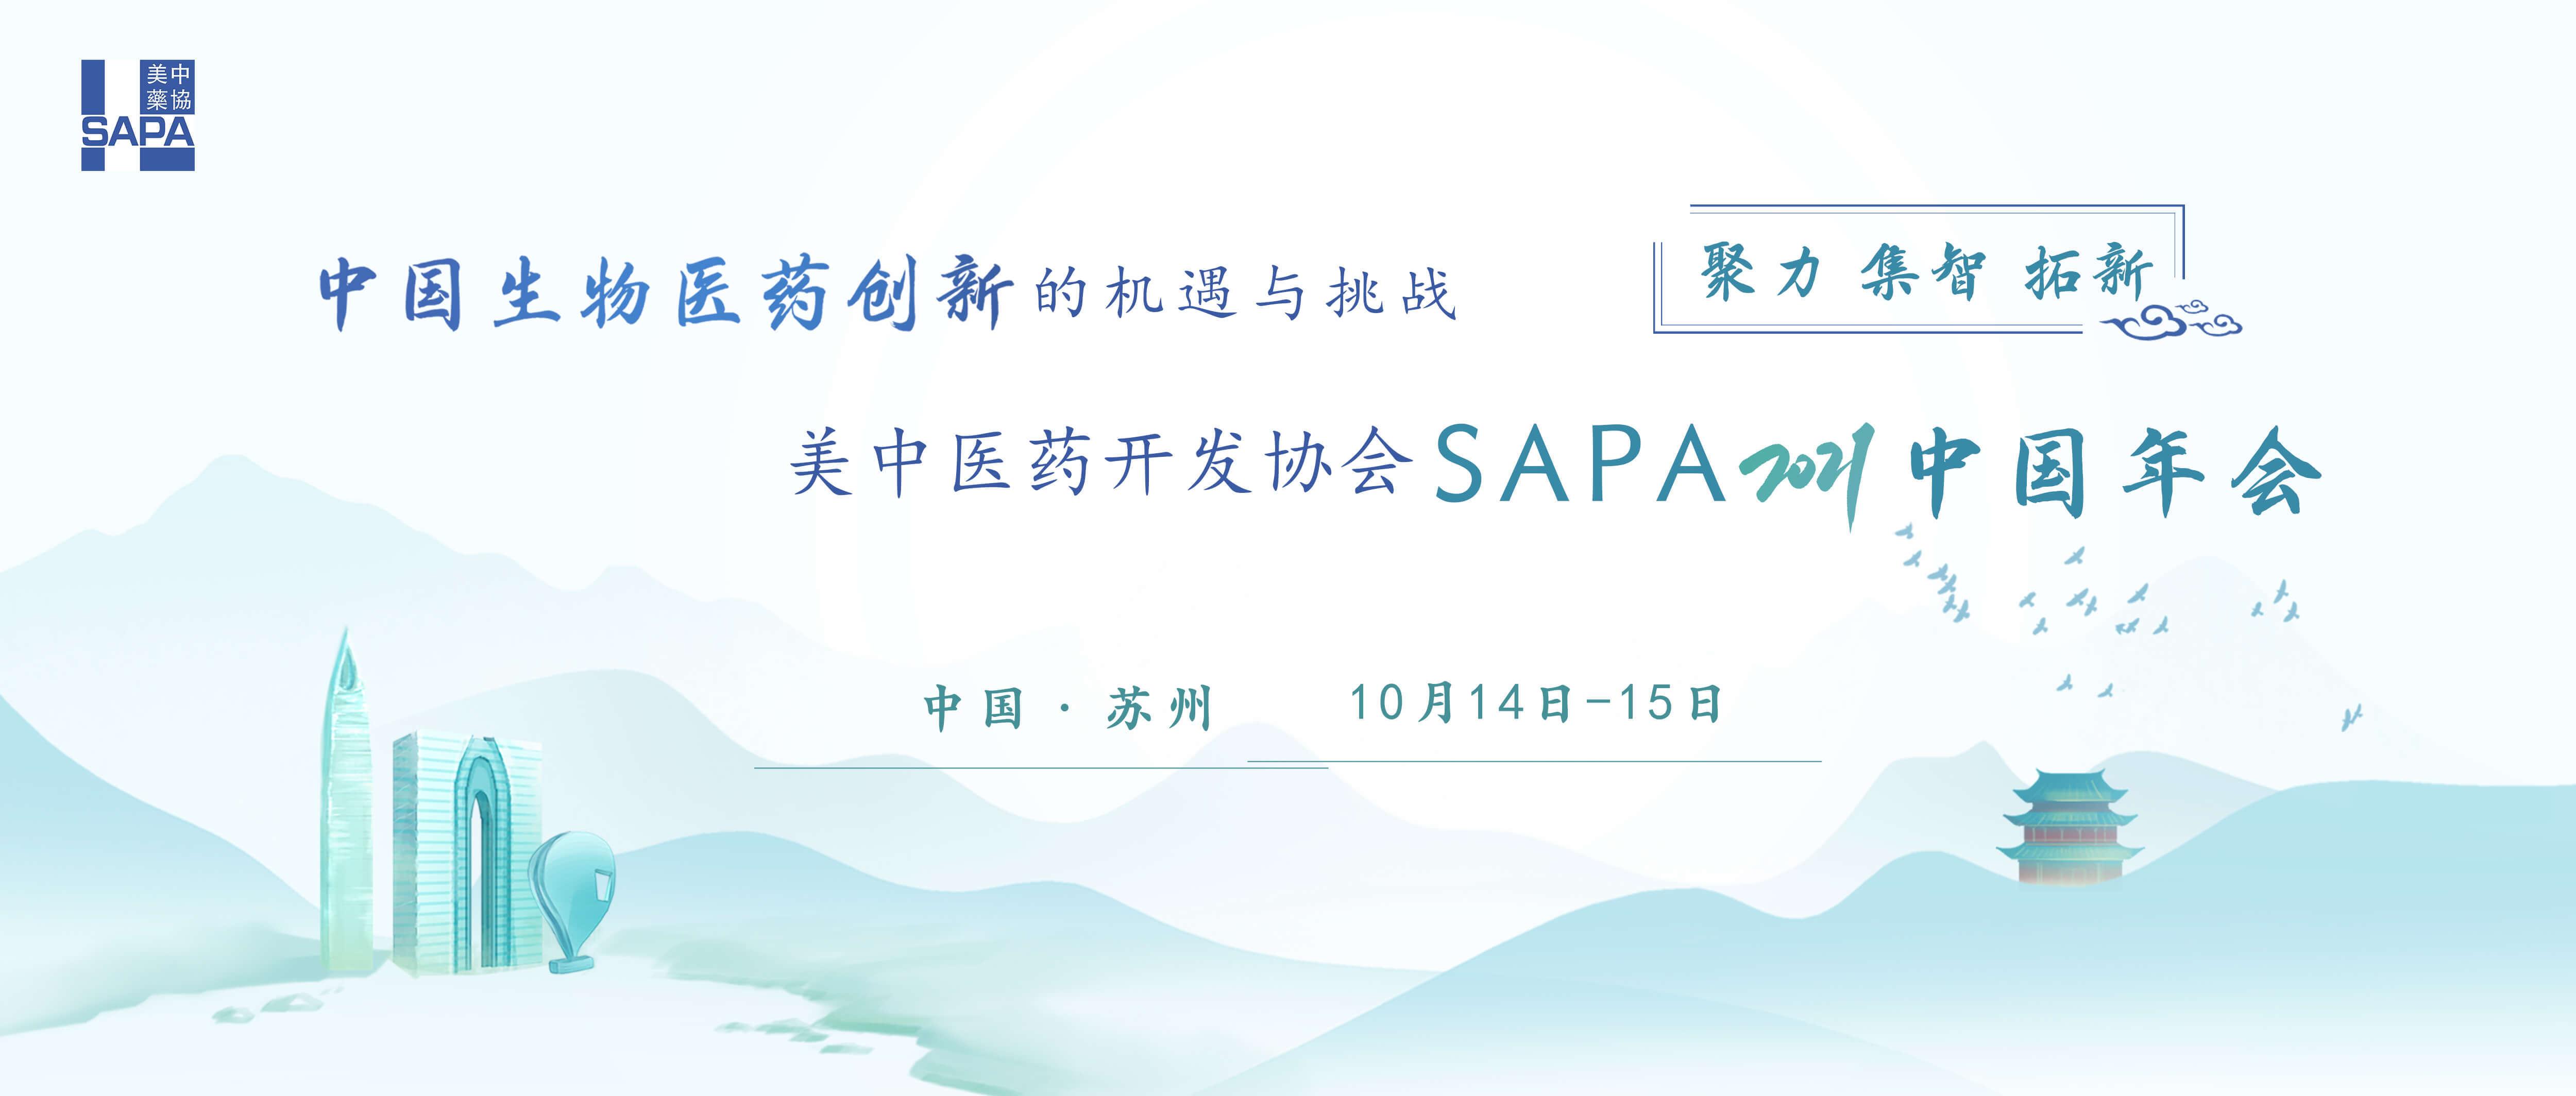 中国生物医药产业发展的机遇与挑战暨美中医药开发协会SAPA2021中国年会